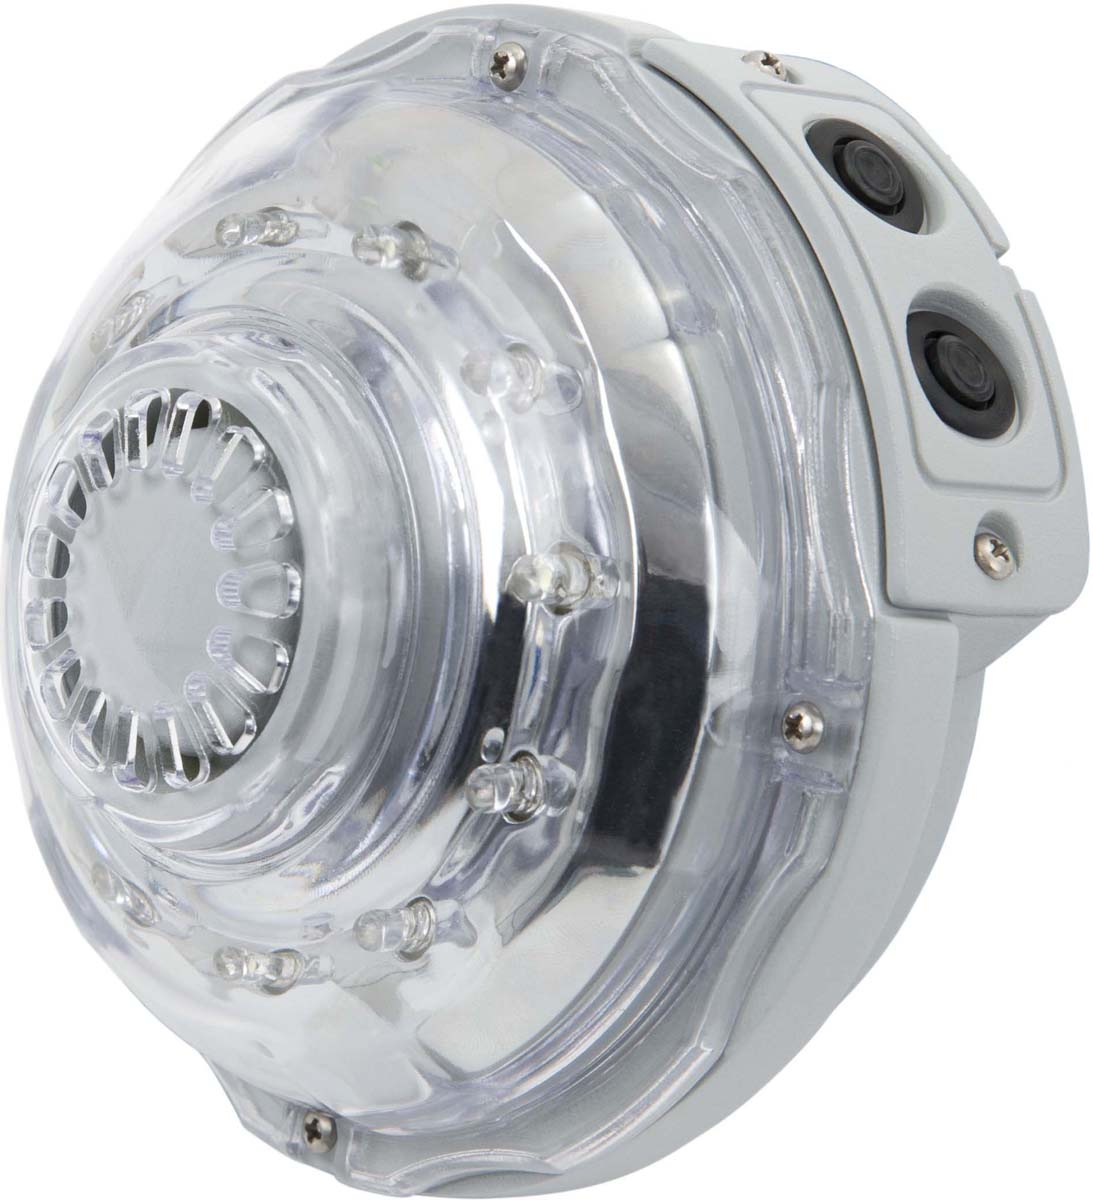 Лампа для спа  Intex . С28504 -  Бассейны и аксессуары